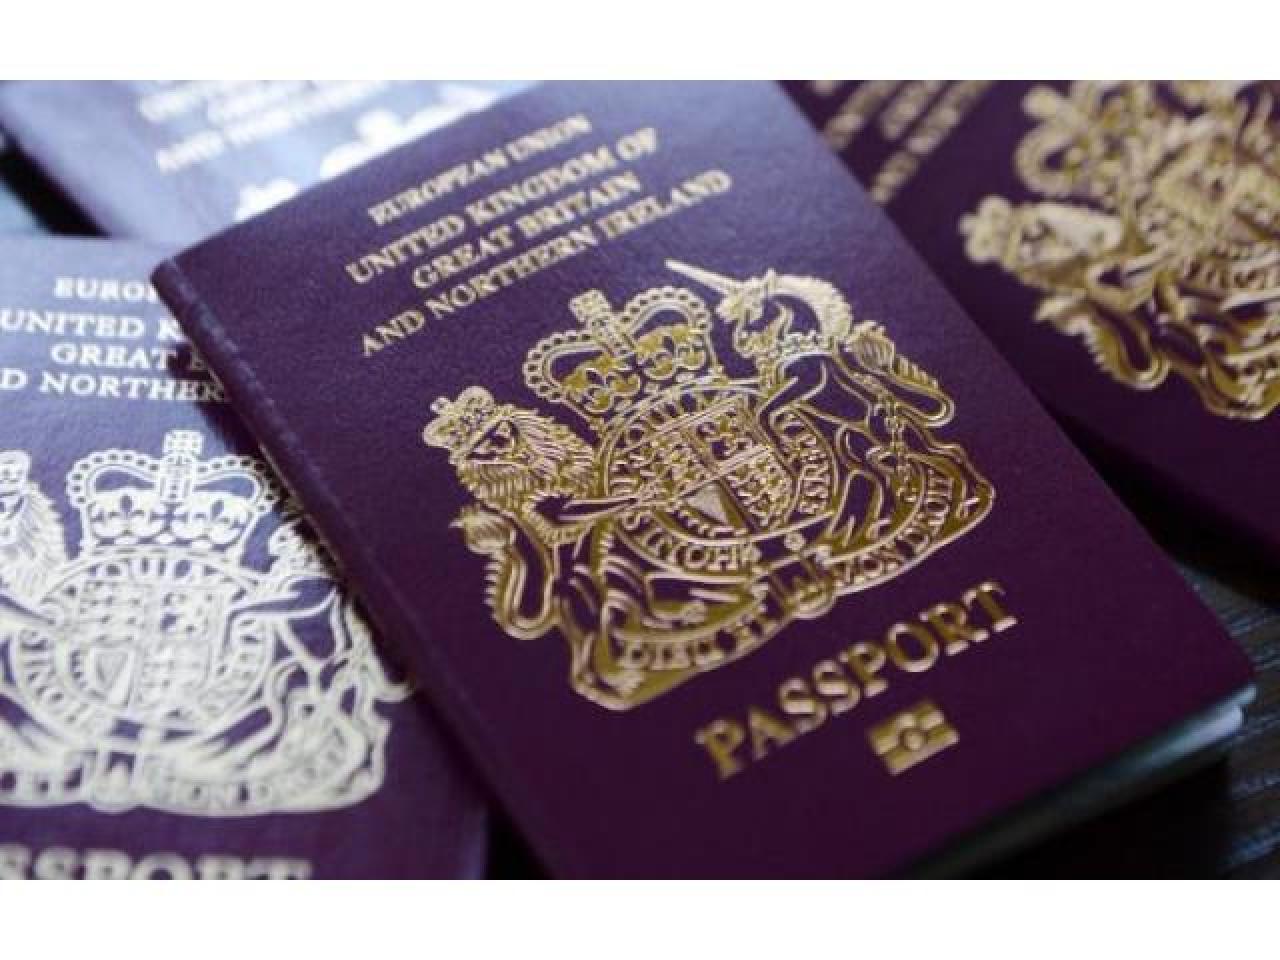 Иммиграционный сервис, визы, статус резидента для граждан ЕС, гражданство UK - 2